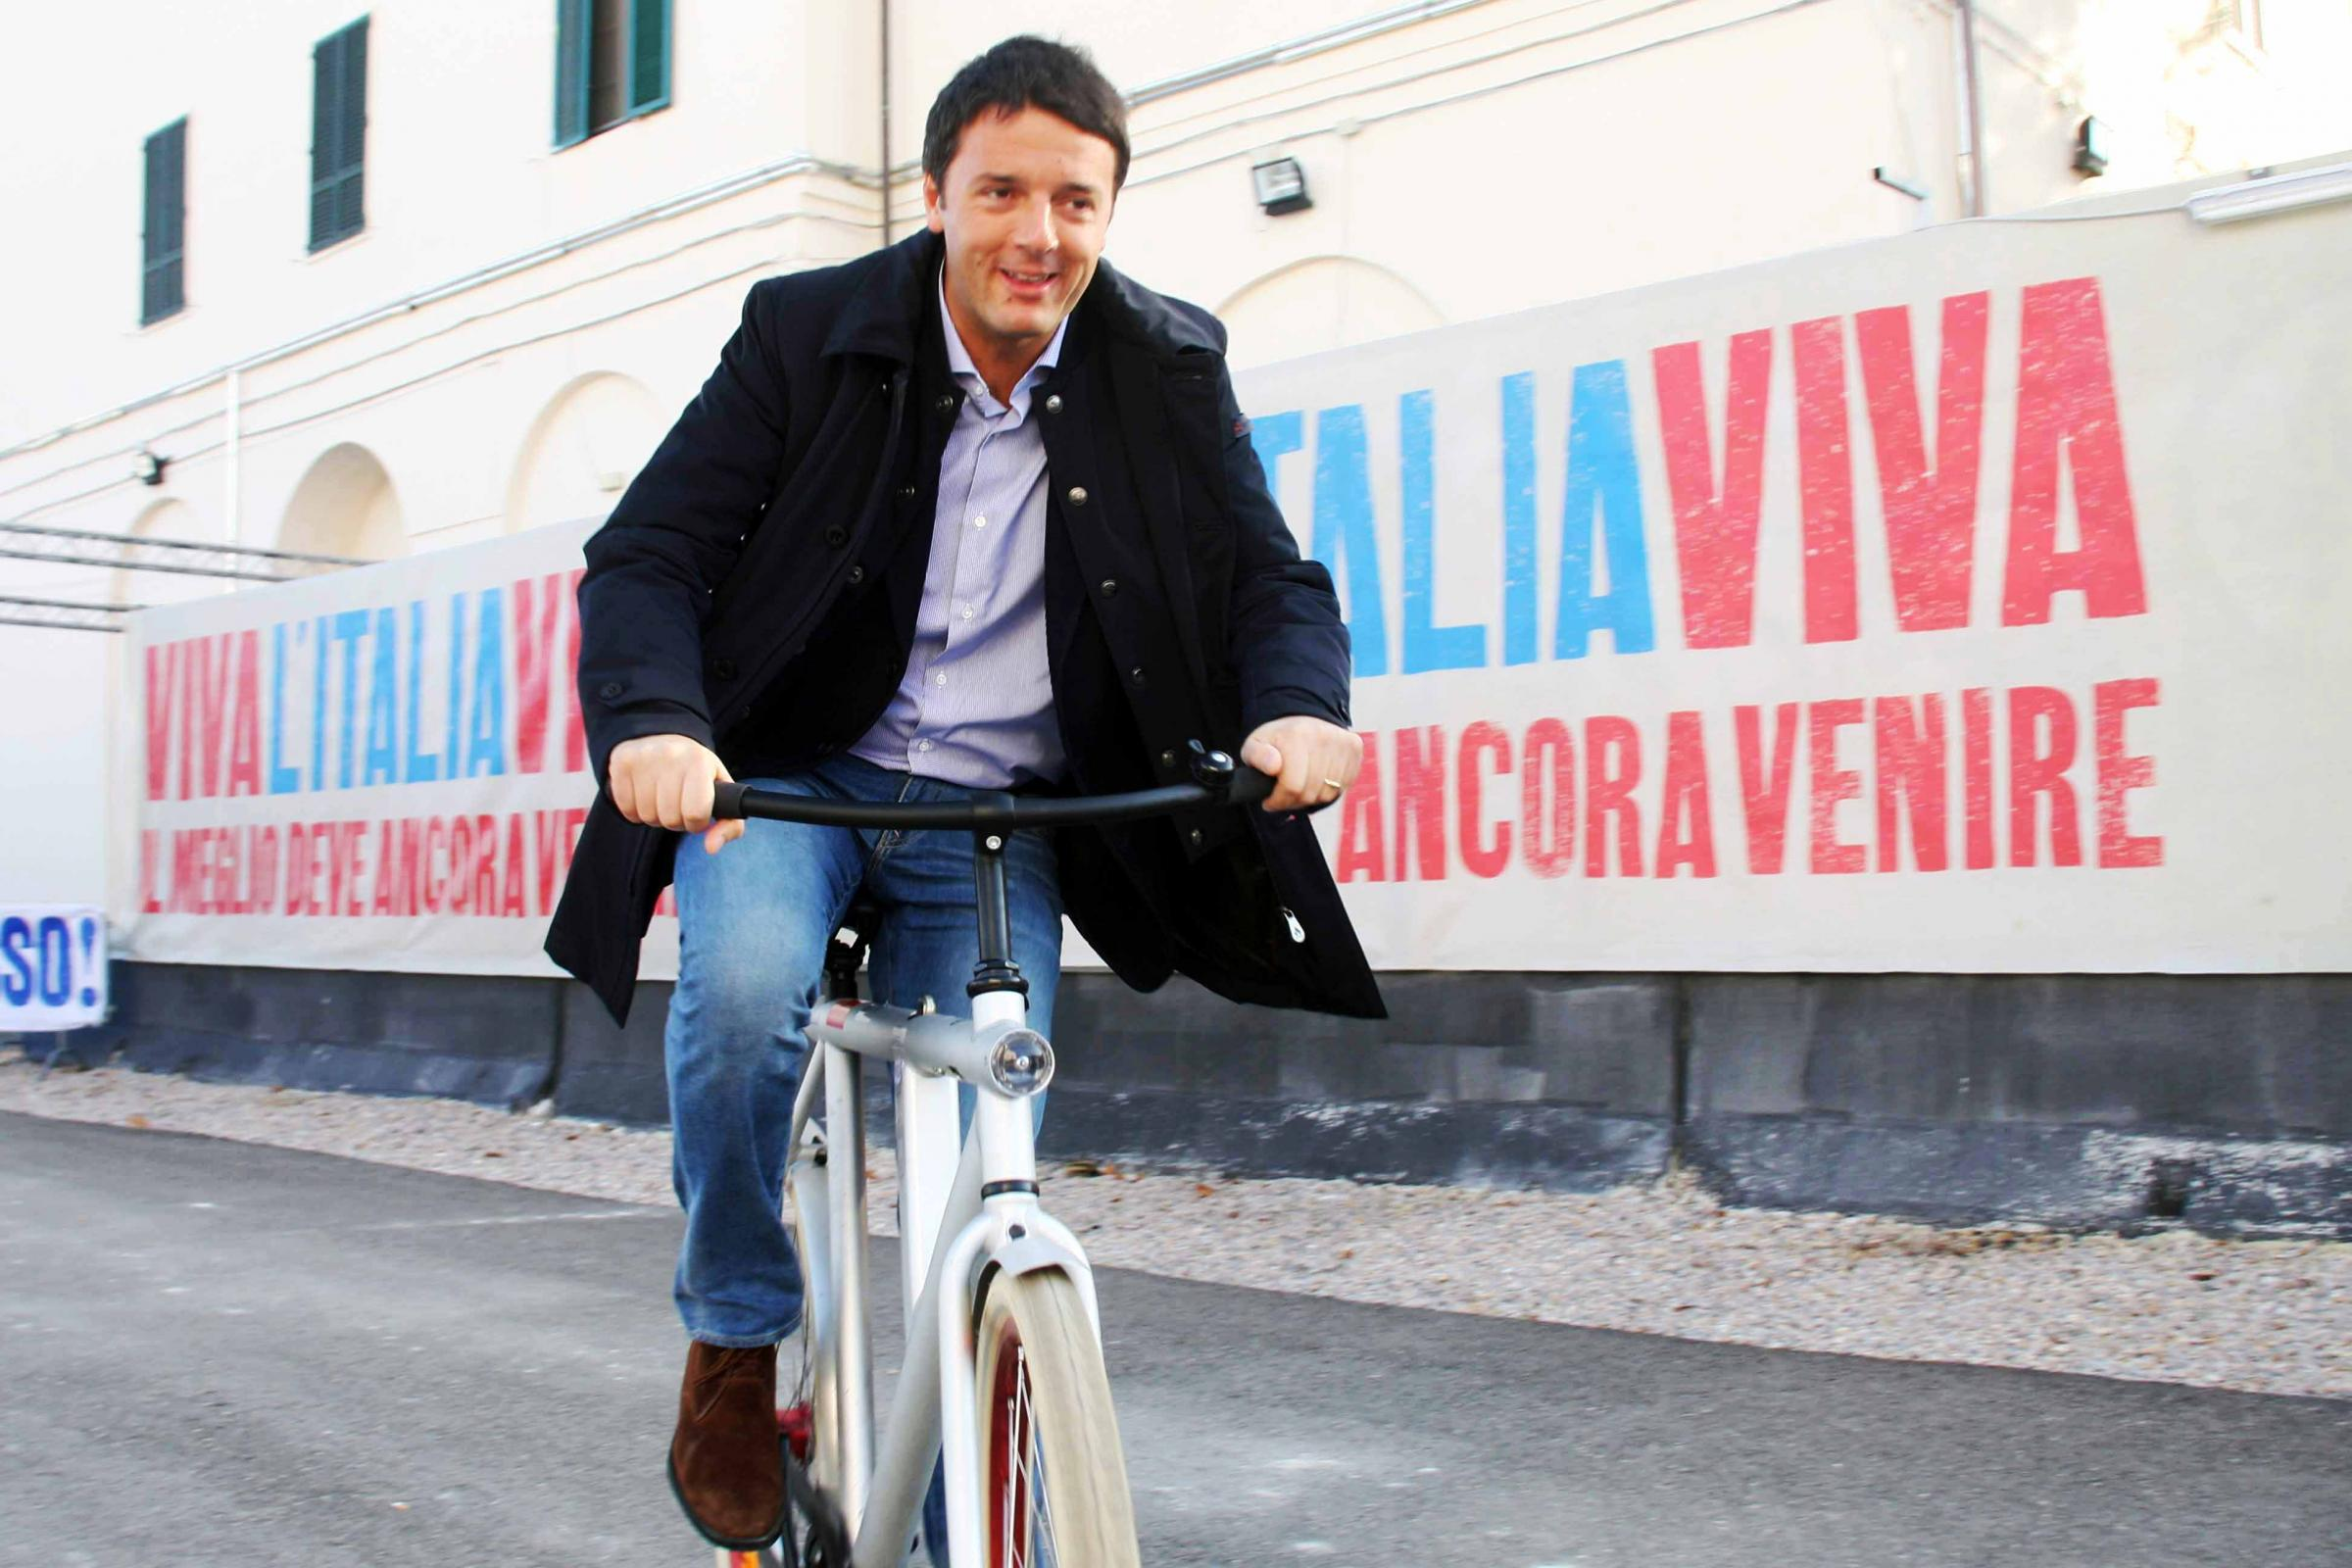 È Matteo Renzi l'unica chance per poter riformare il Paese